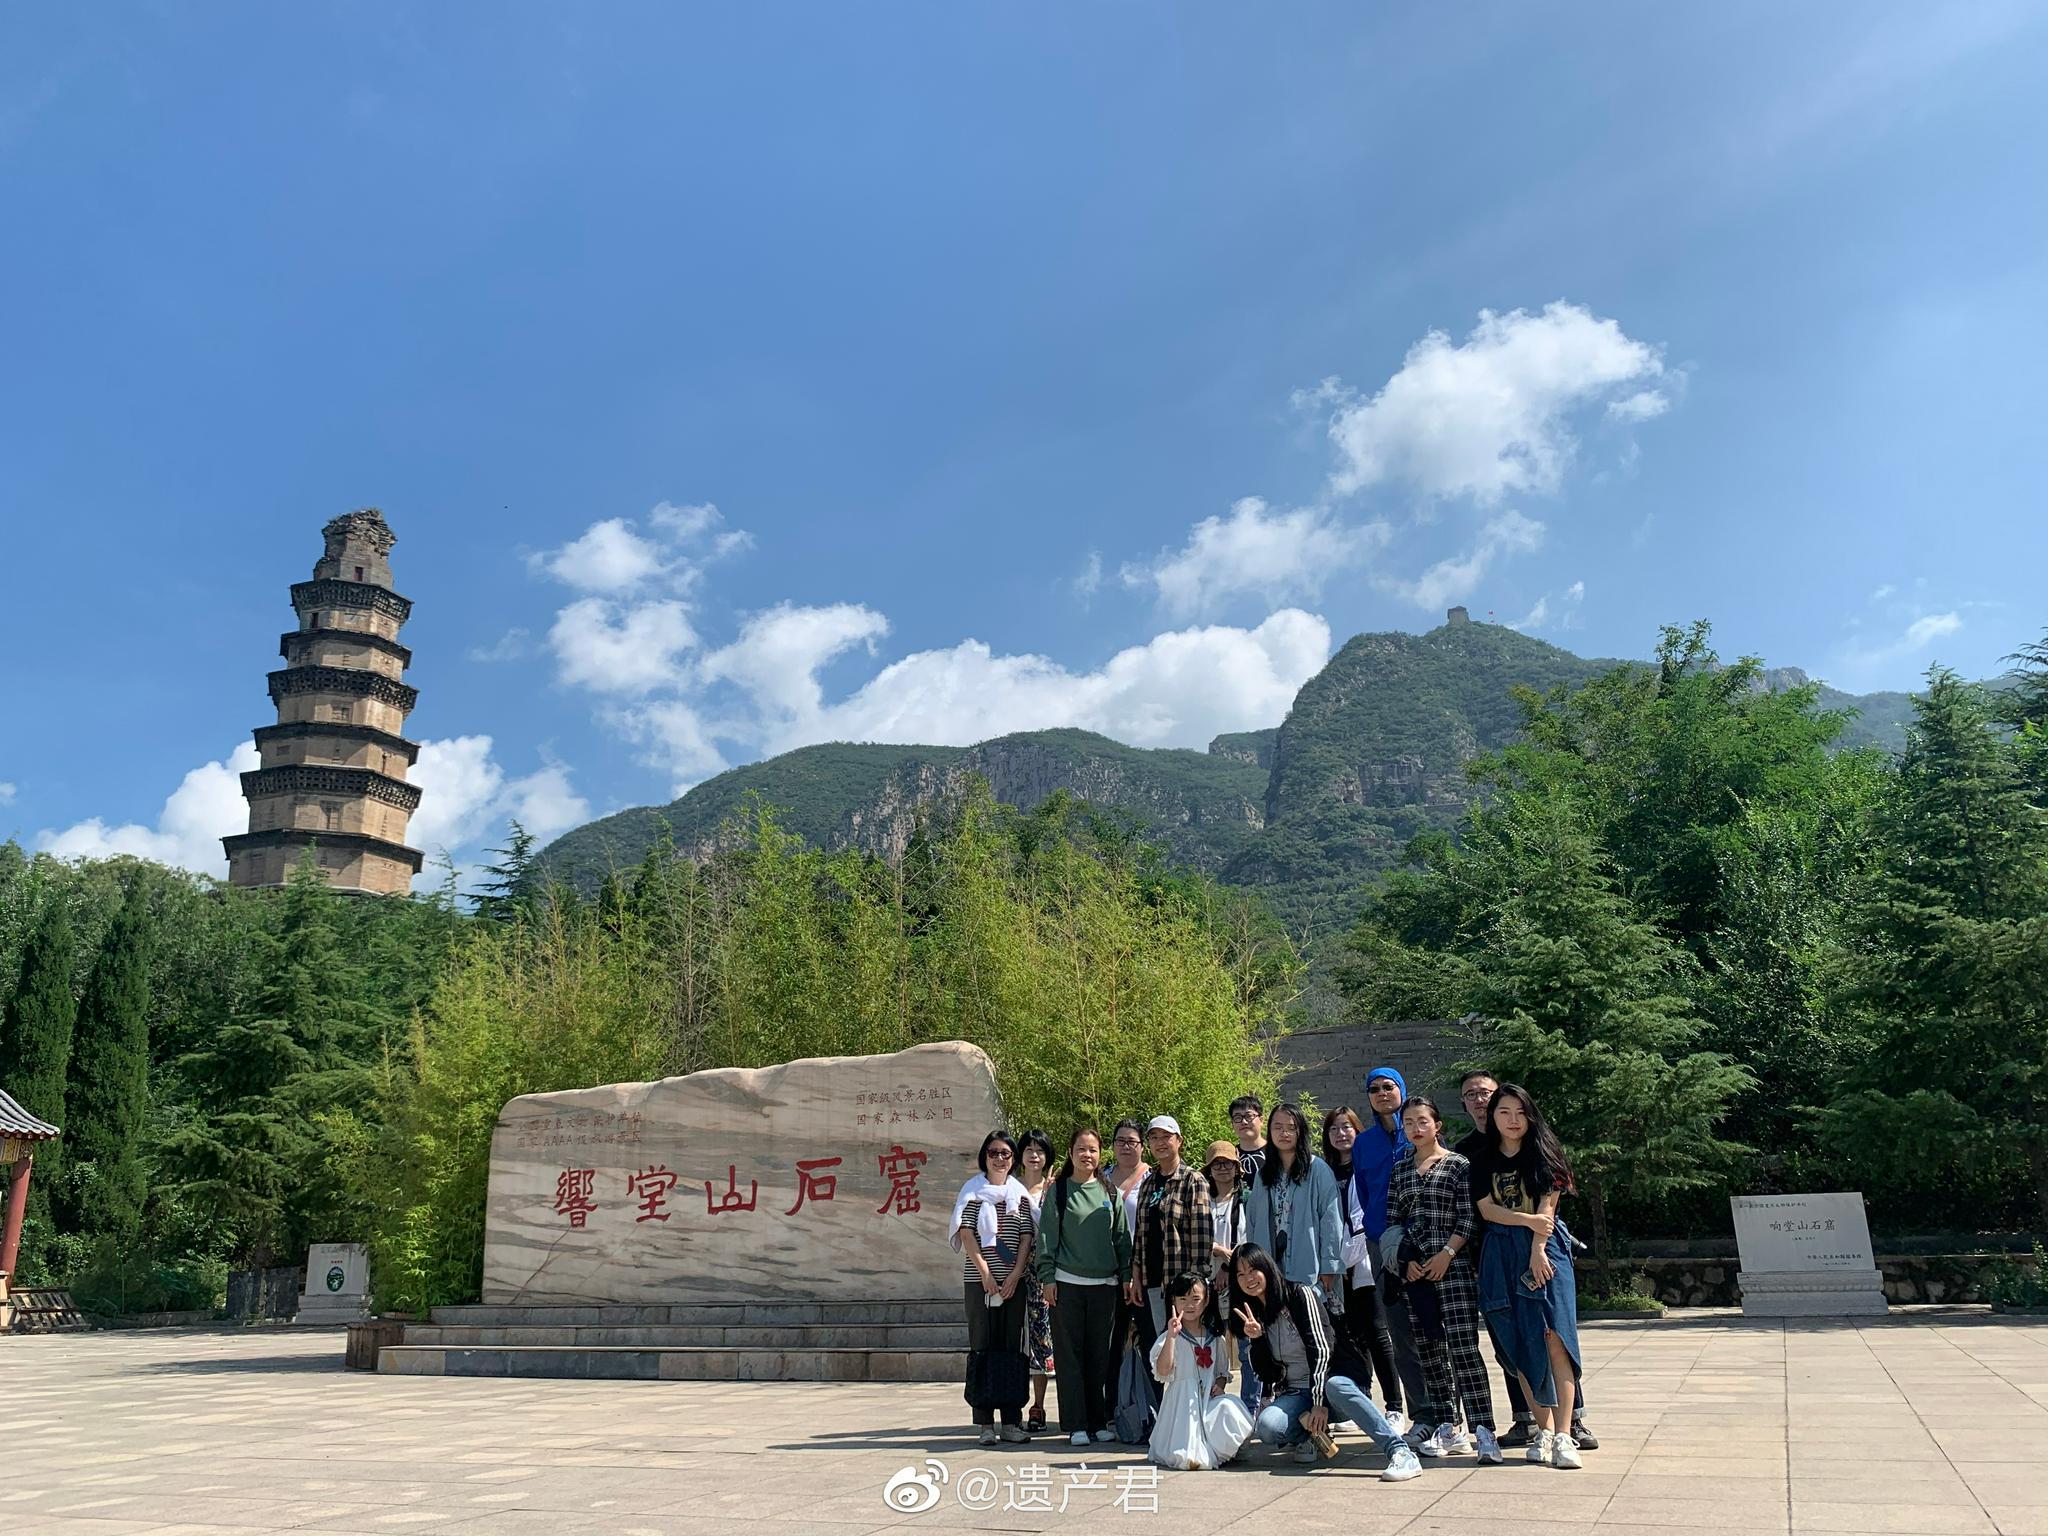 中秋安阳邯郸游学,精美华丽的北朝造像,充满魅力的历史故事